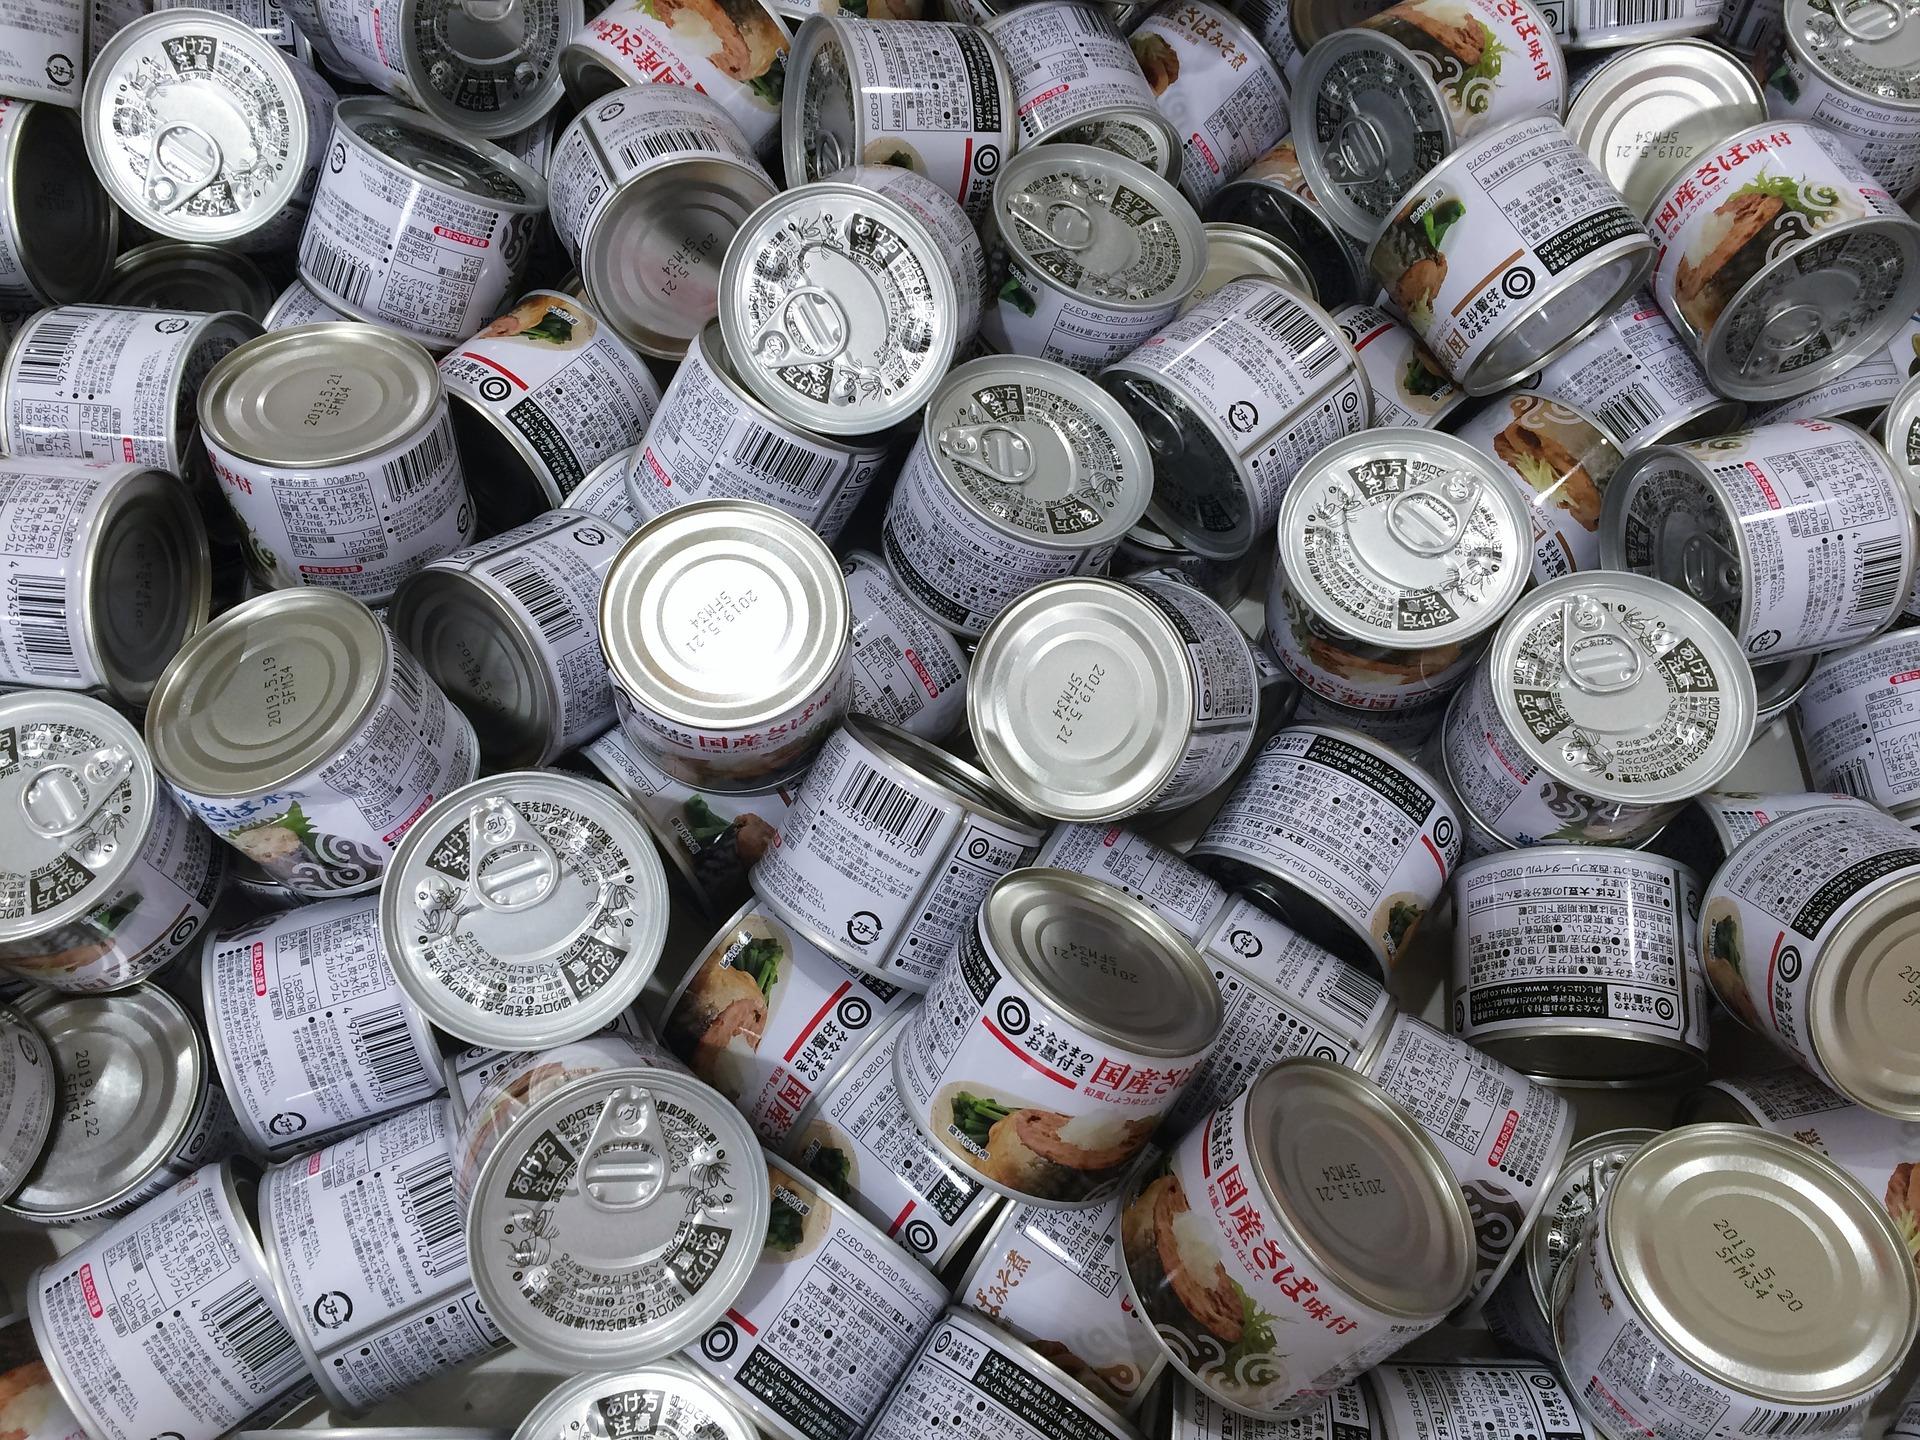 その健康効果で史上空前の「サバ缶」ブーム沸騰中!